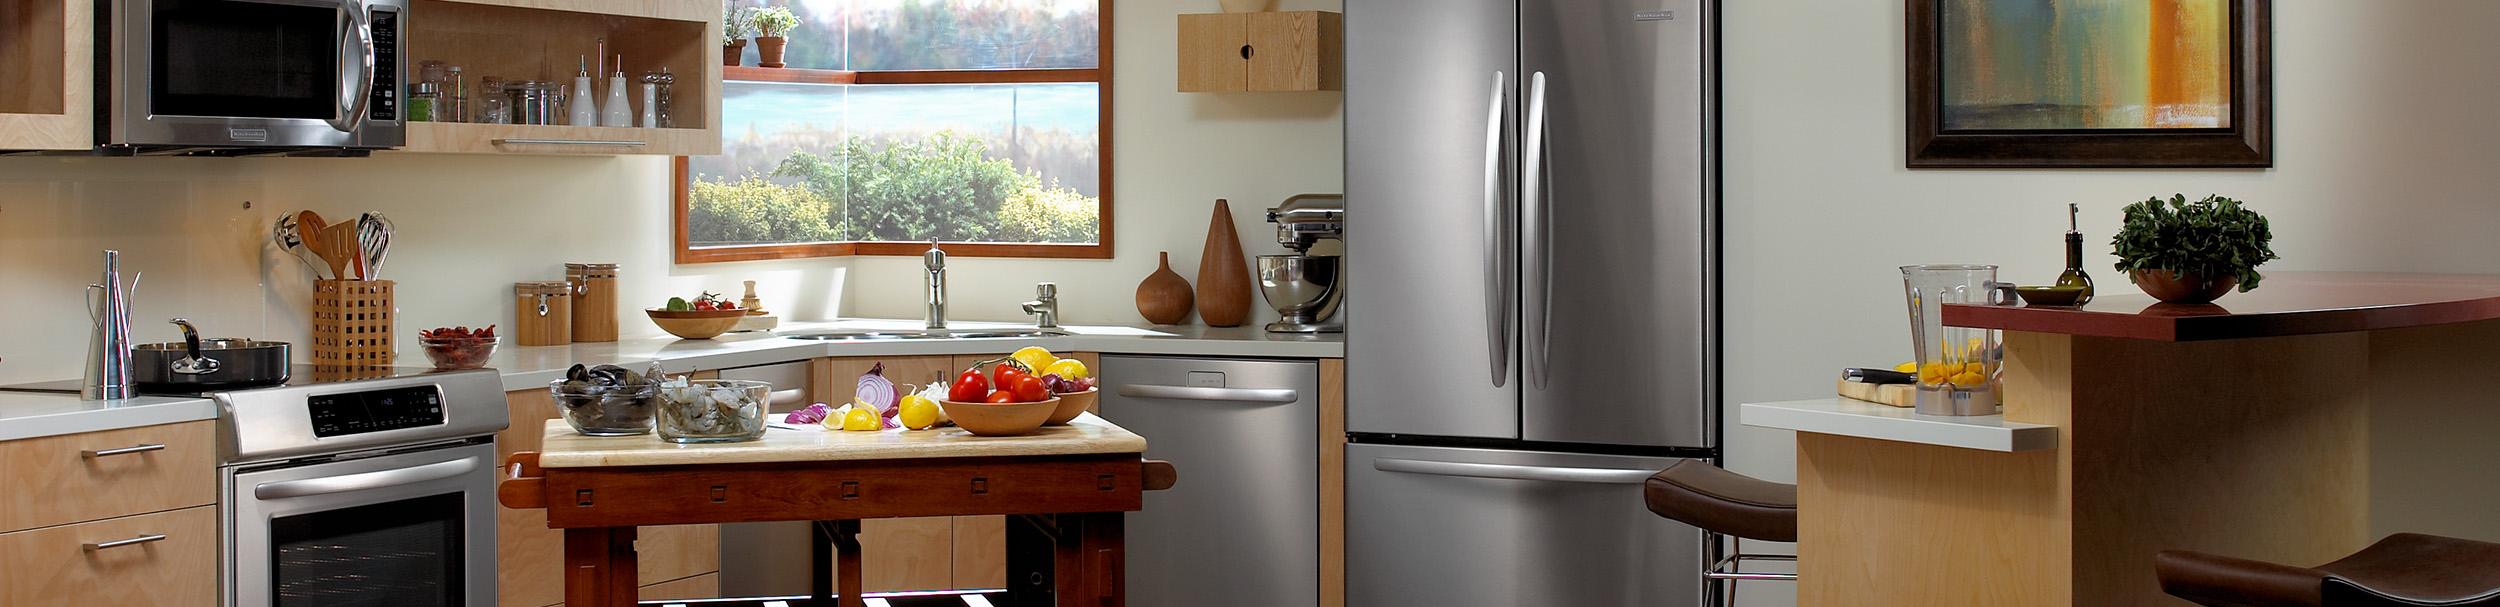 Kitchen Appliance Shop Karvonens Furniture Appliances 4k Tvs Mattresses Perham Mn